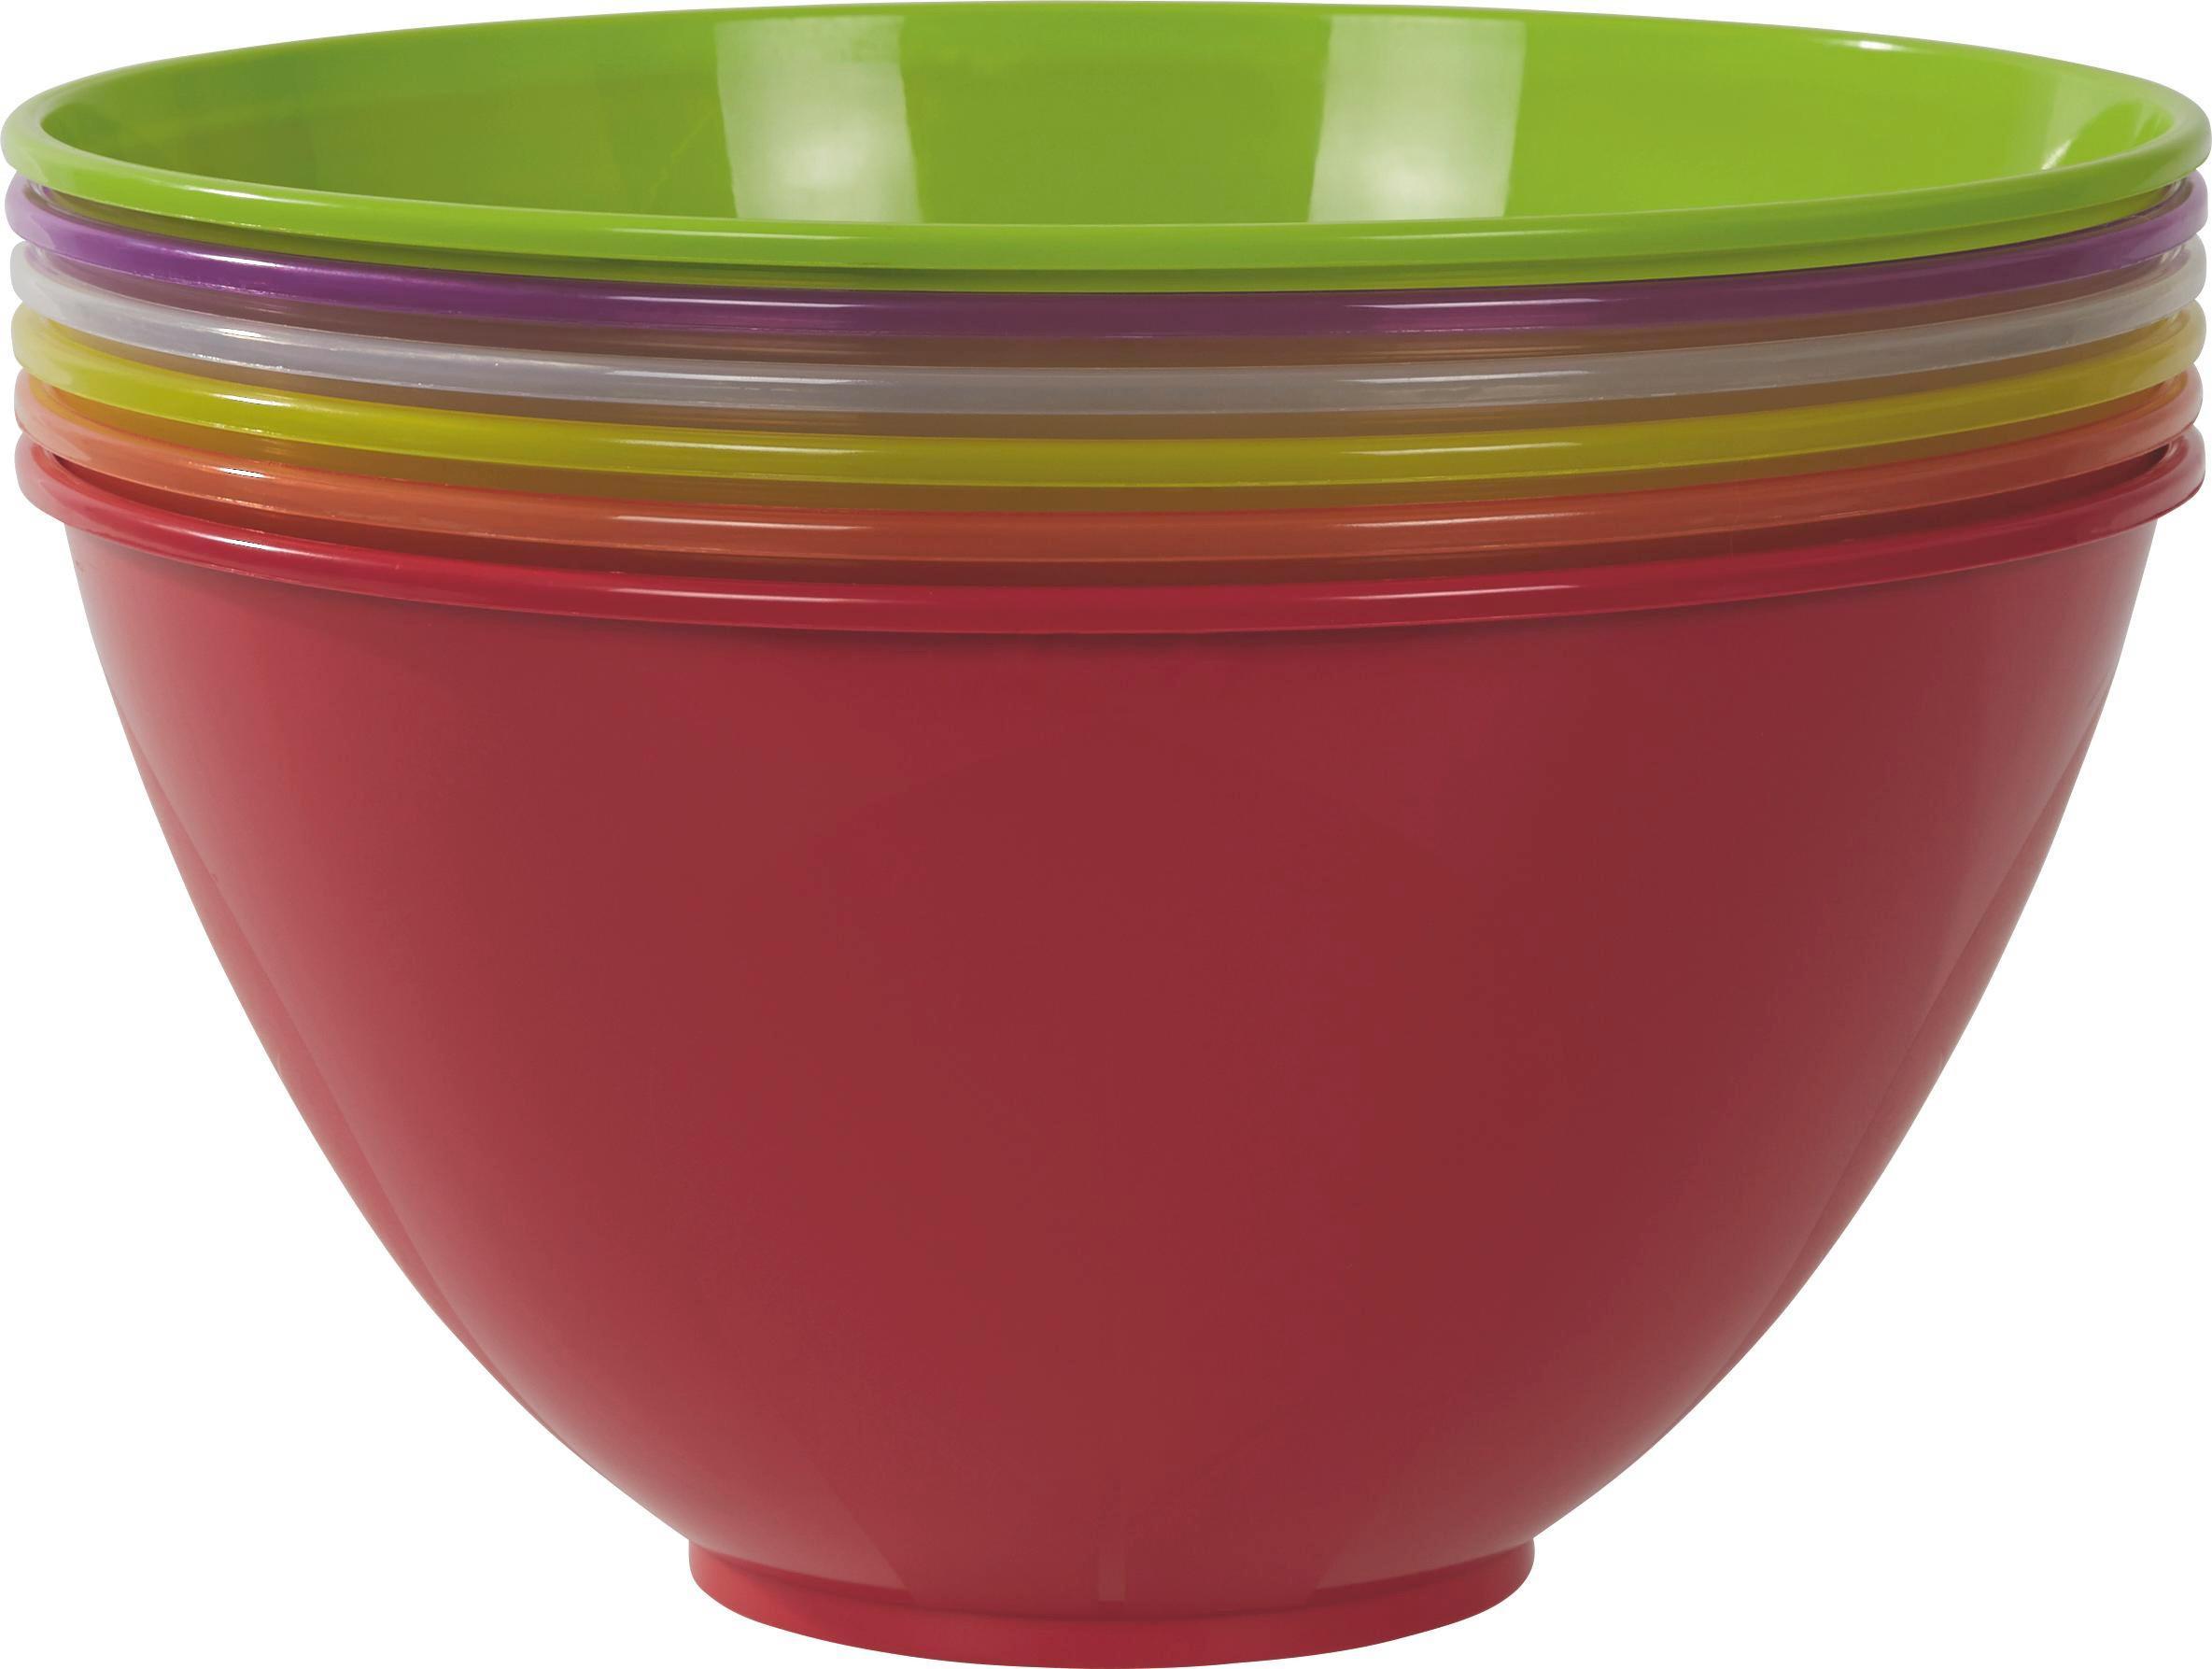 Tál Carter - lila/pink, konvencionális, műanyag (5l) - OMBRA